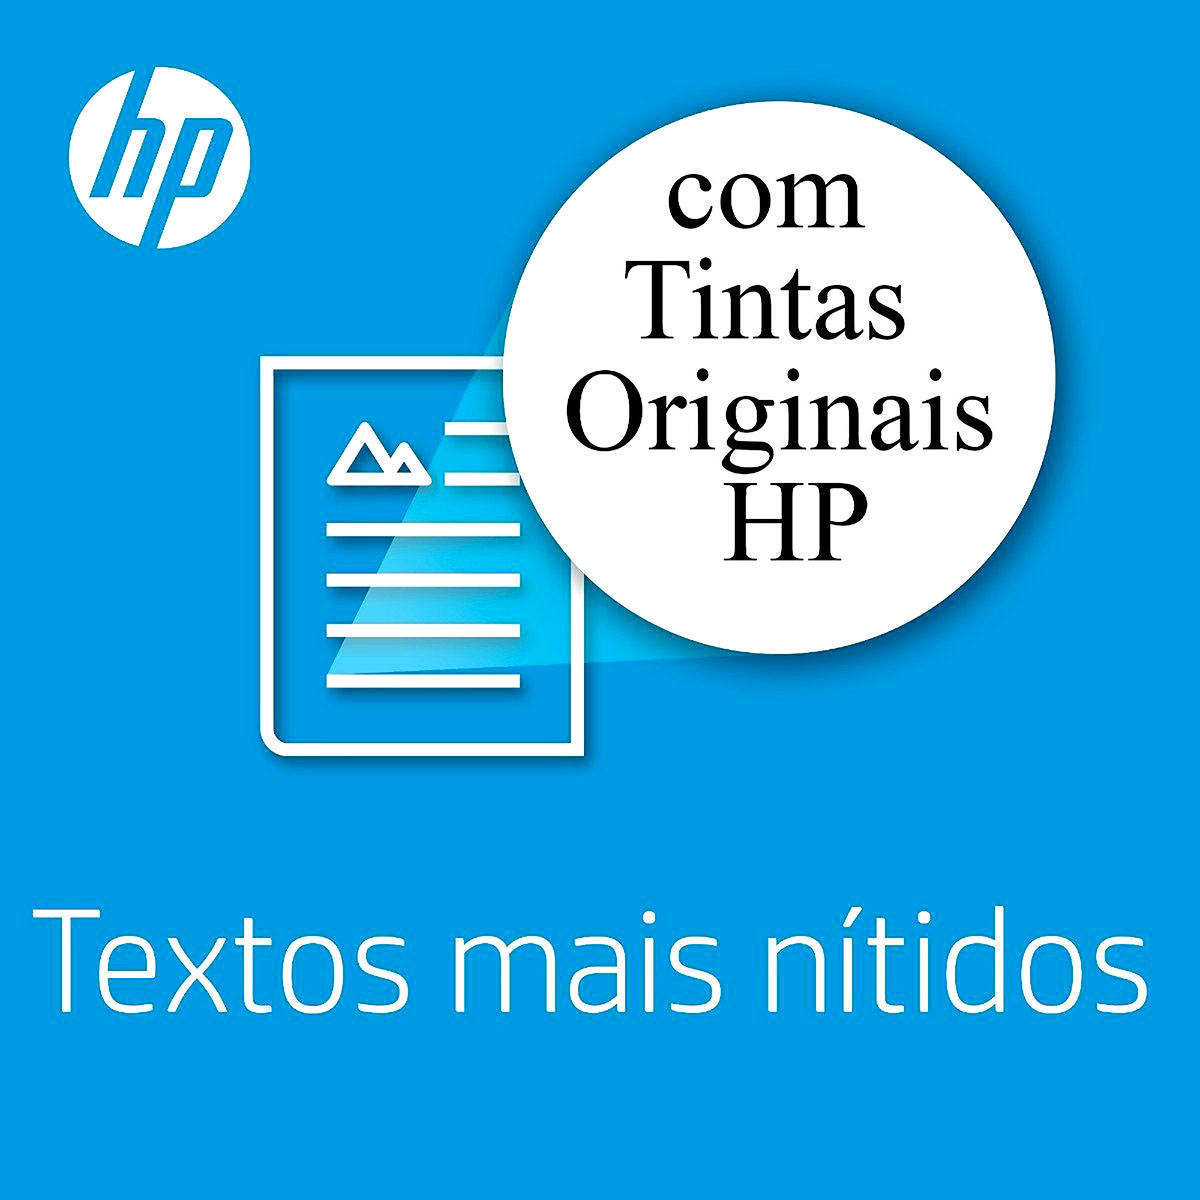 Cartucho de Tinta HP 60B Preto CC636WB para HP Deskjet D1660 D2560 F4280 F4480 Photosmart C4680 D110a Original 4,5ml